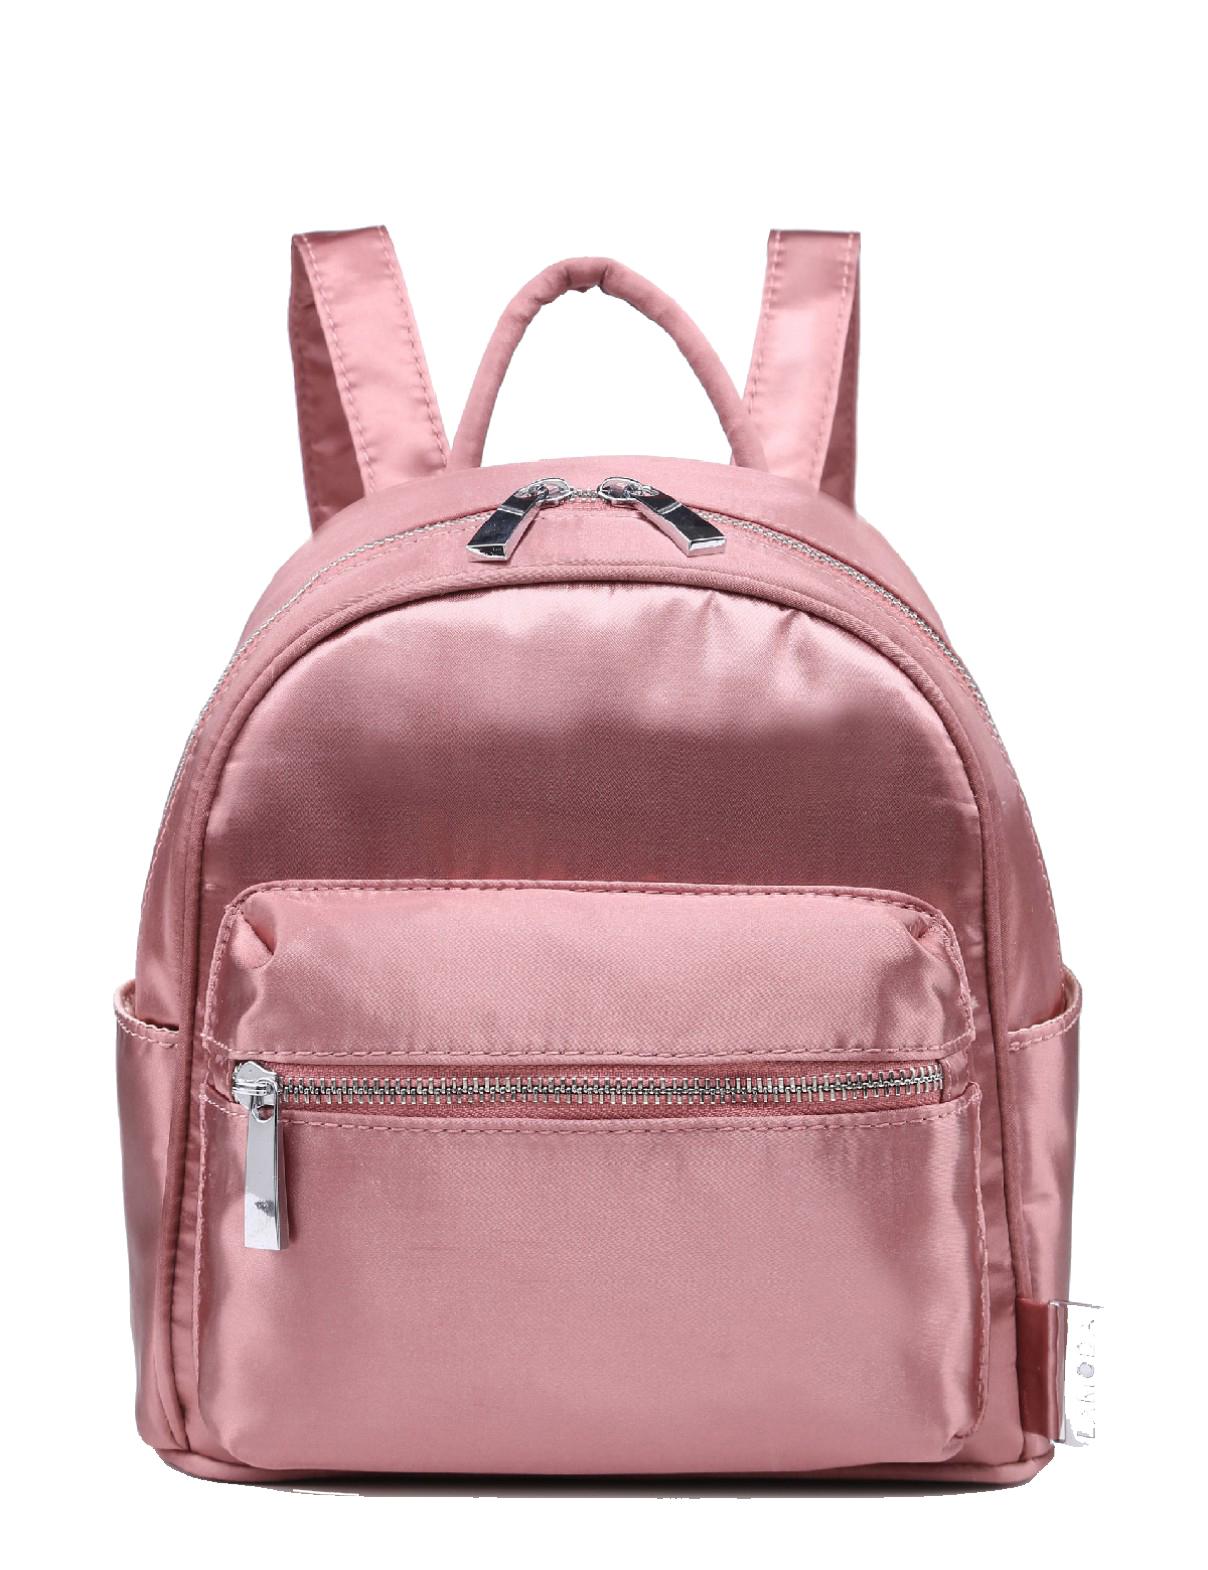 LAMODA Satin Mini Backpack in Pink Rose£21.99